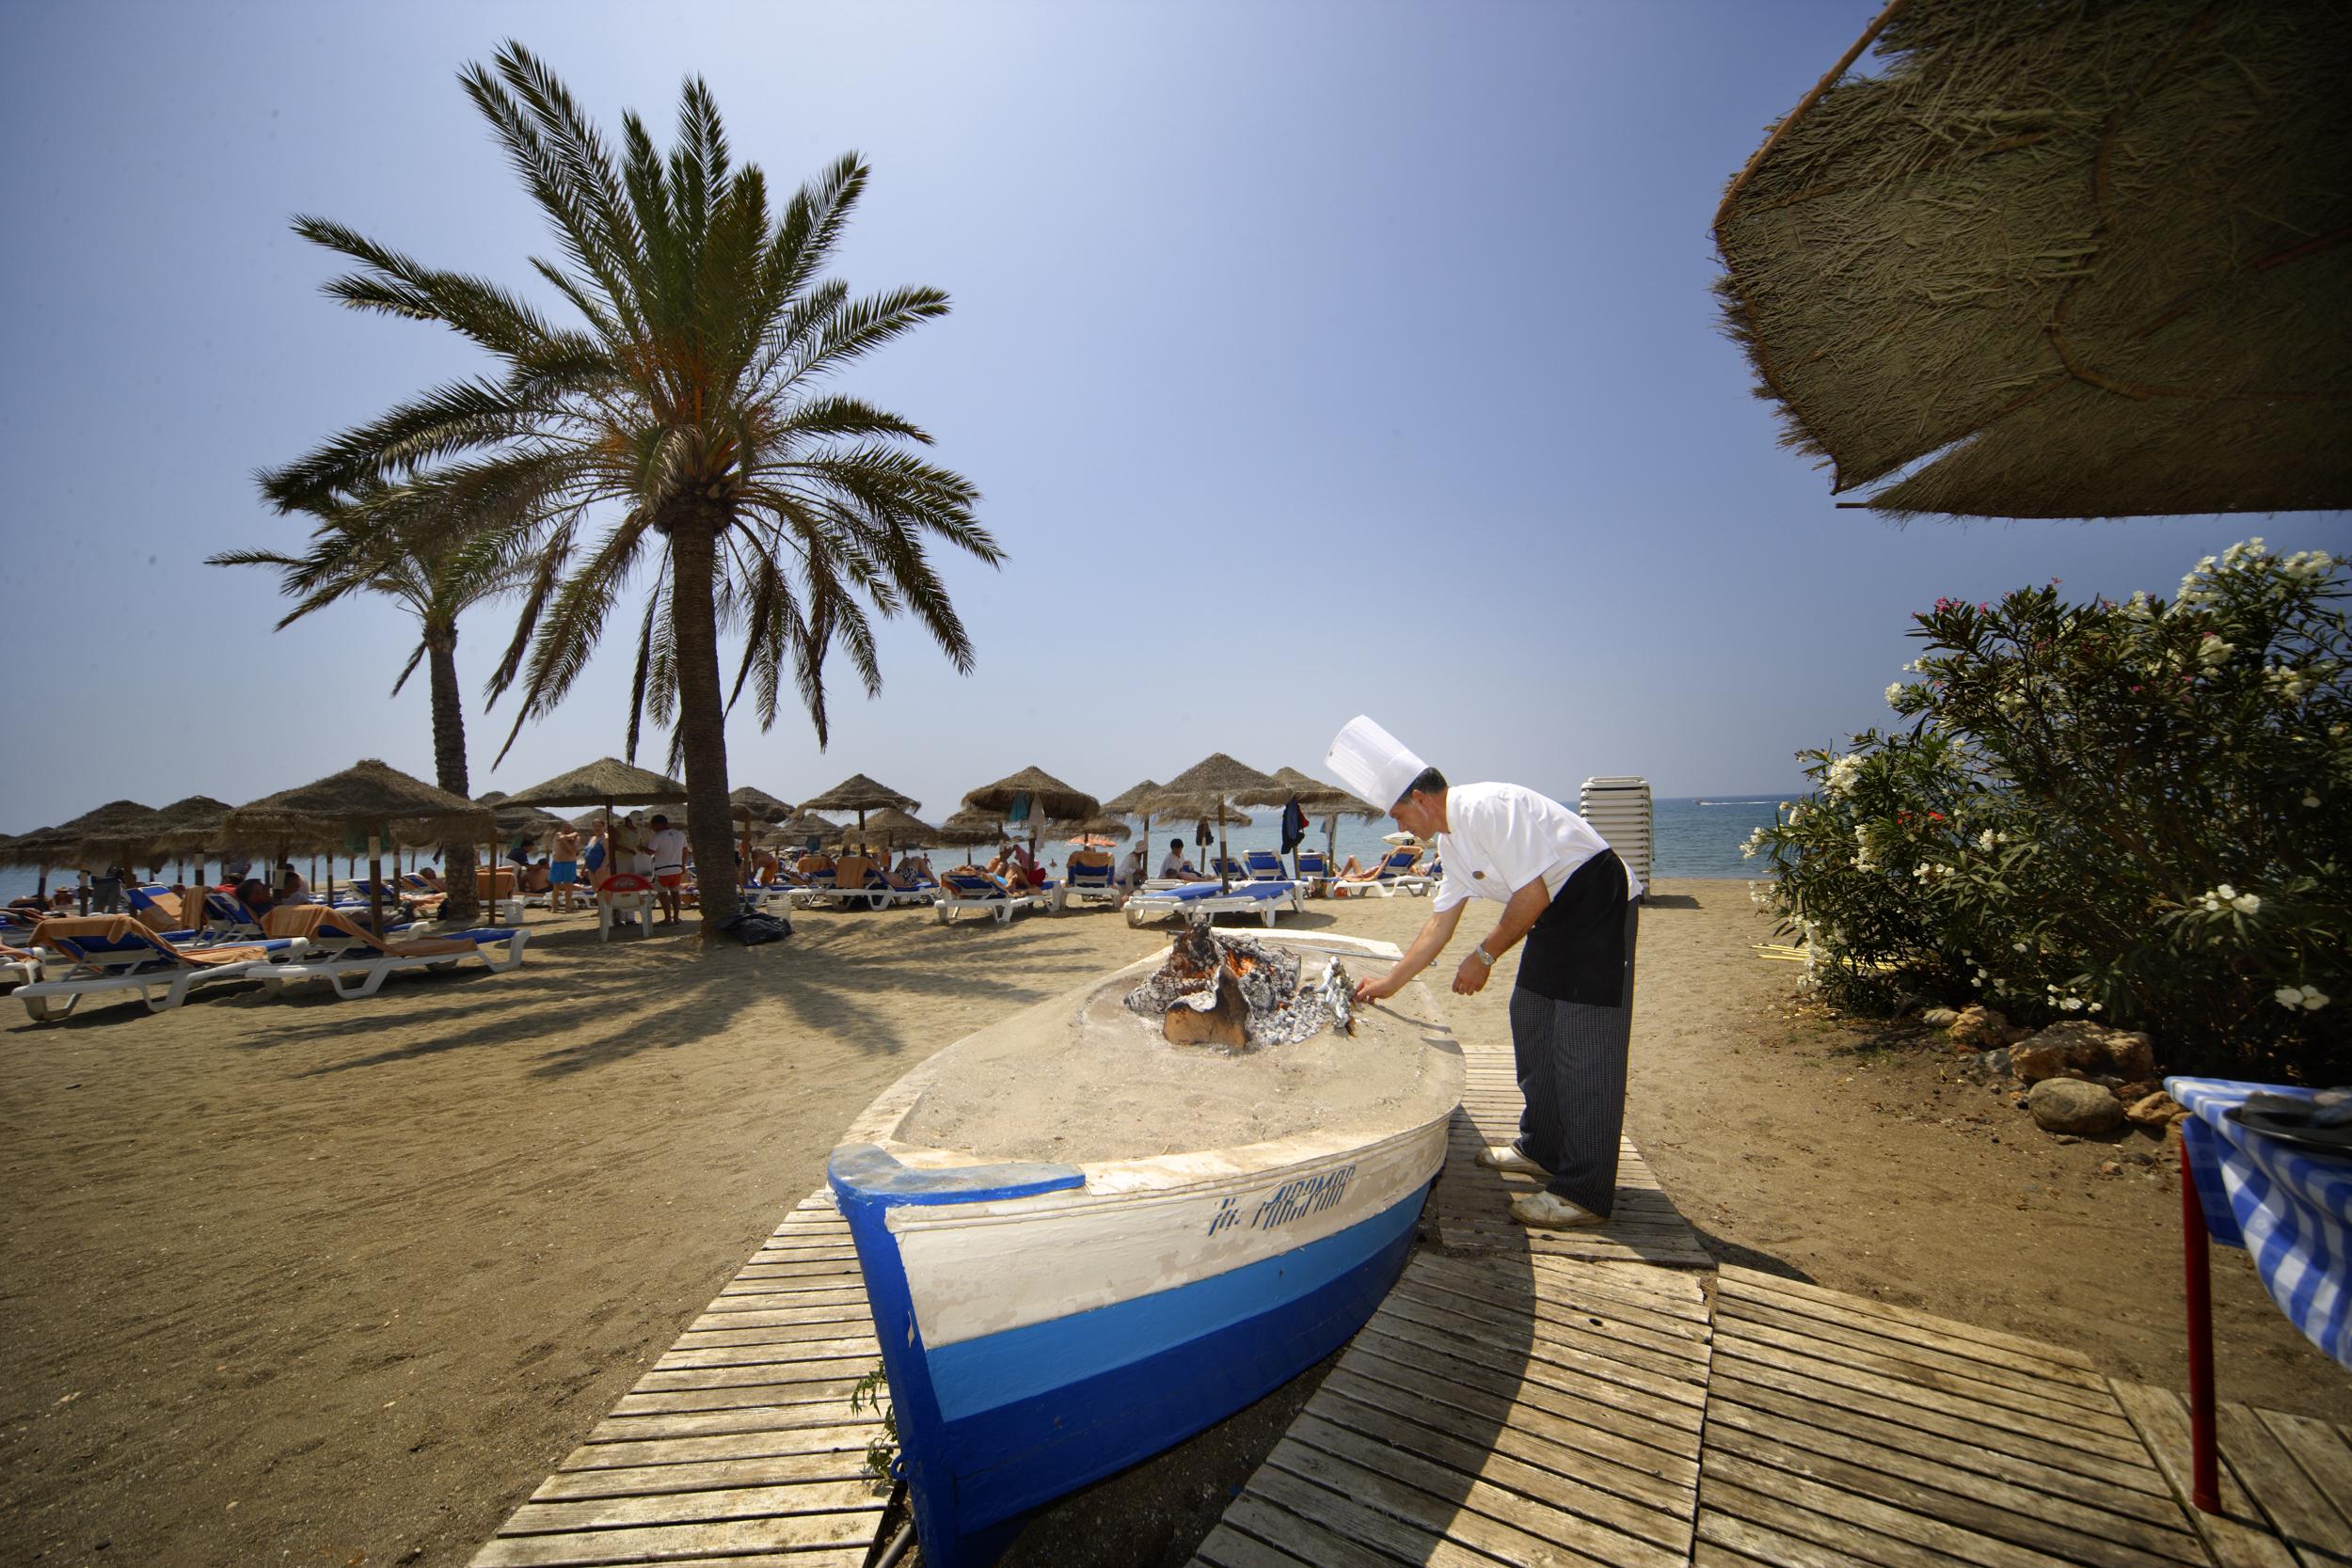 Ferienwohnungen in Denia ,Spanien, Unterkünfte, Ferienappartments